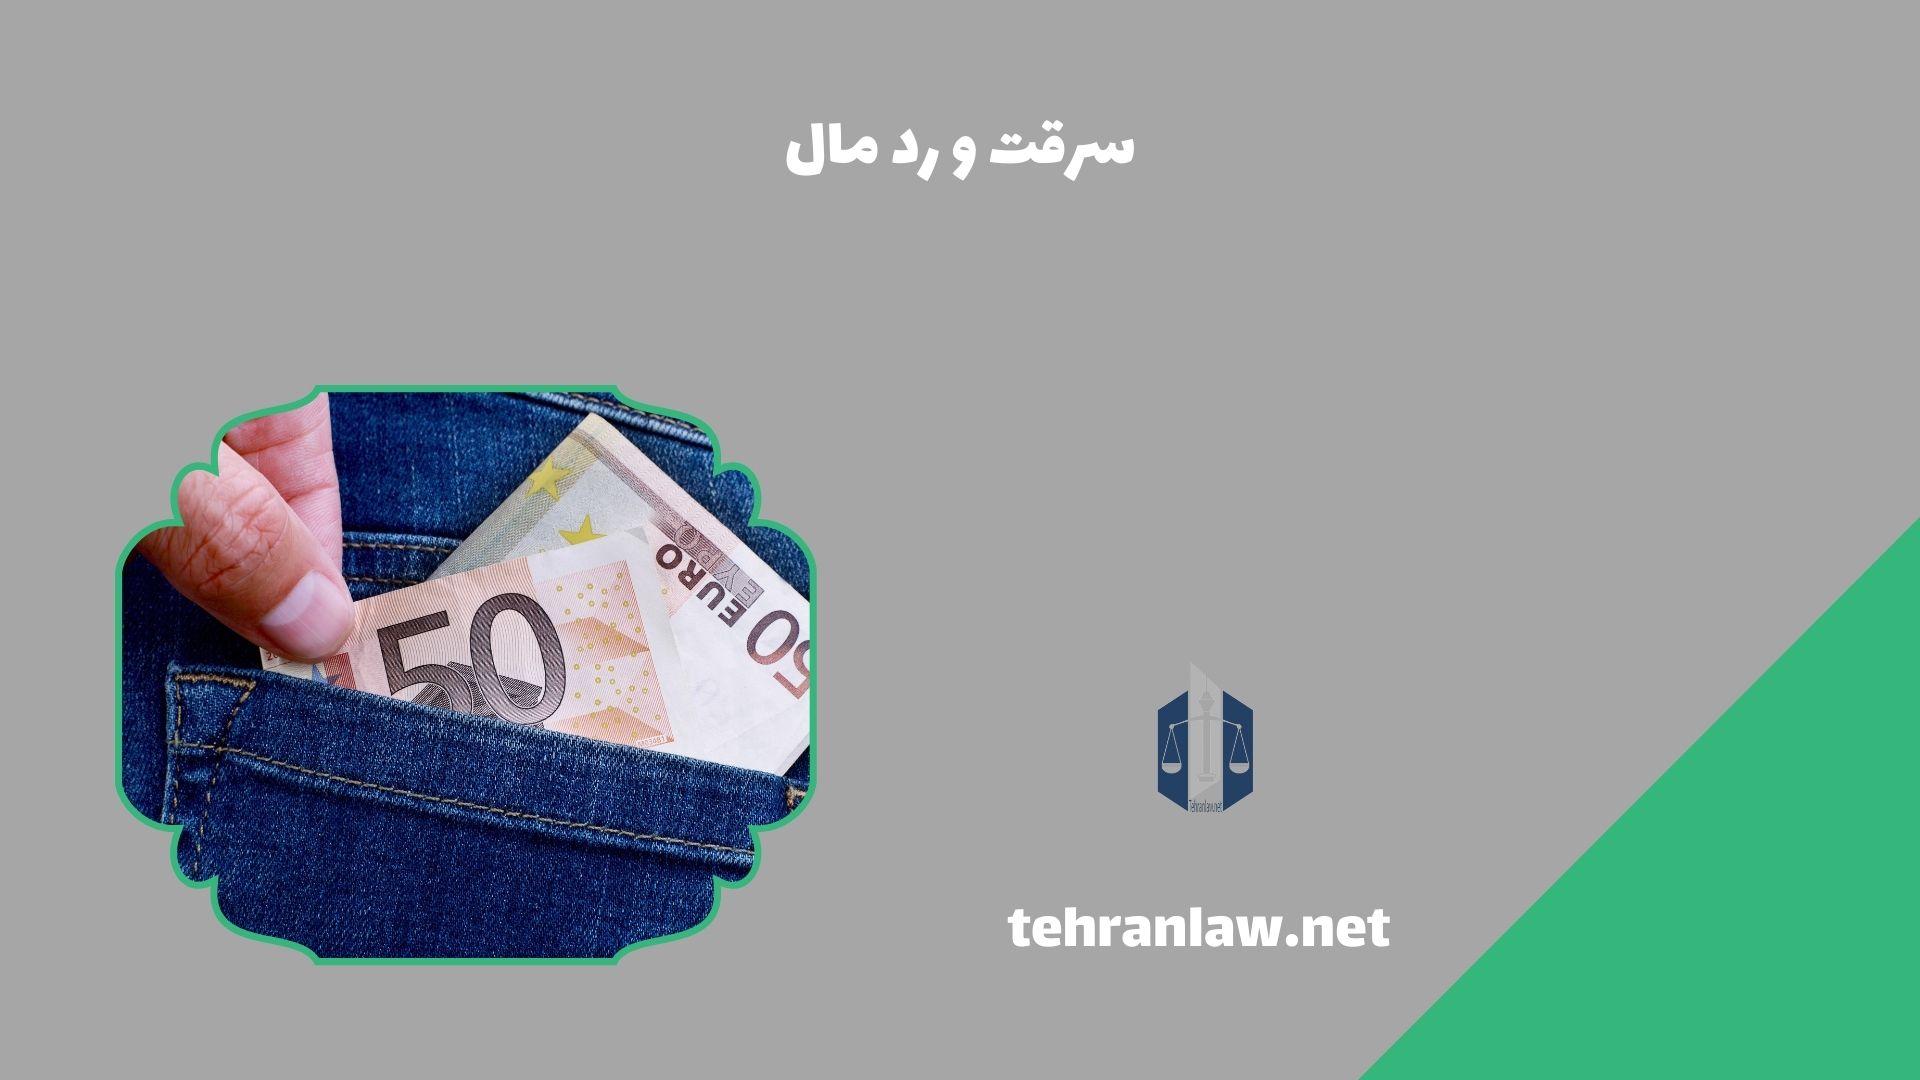 سرقت و رد مال